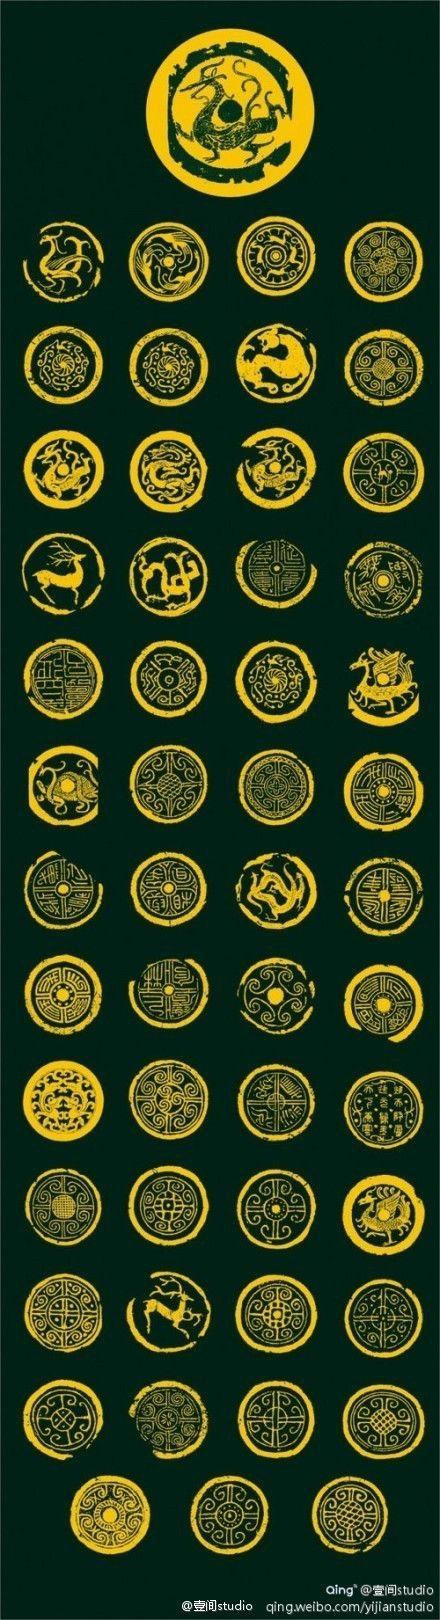 [【图案】中国古典龙纹赏] - 醉美中国...